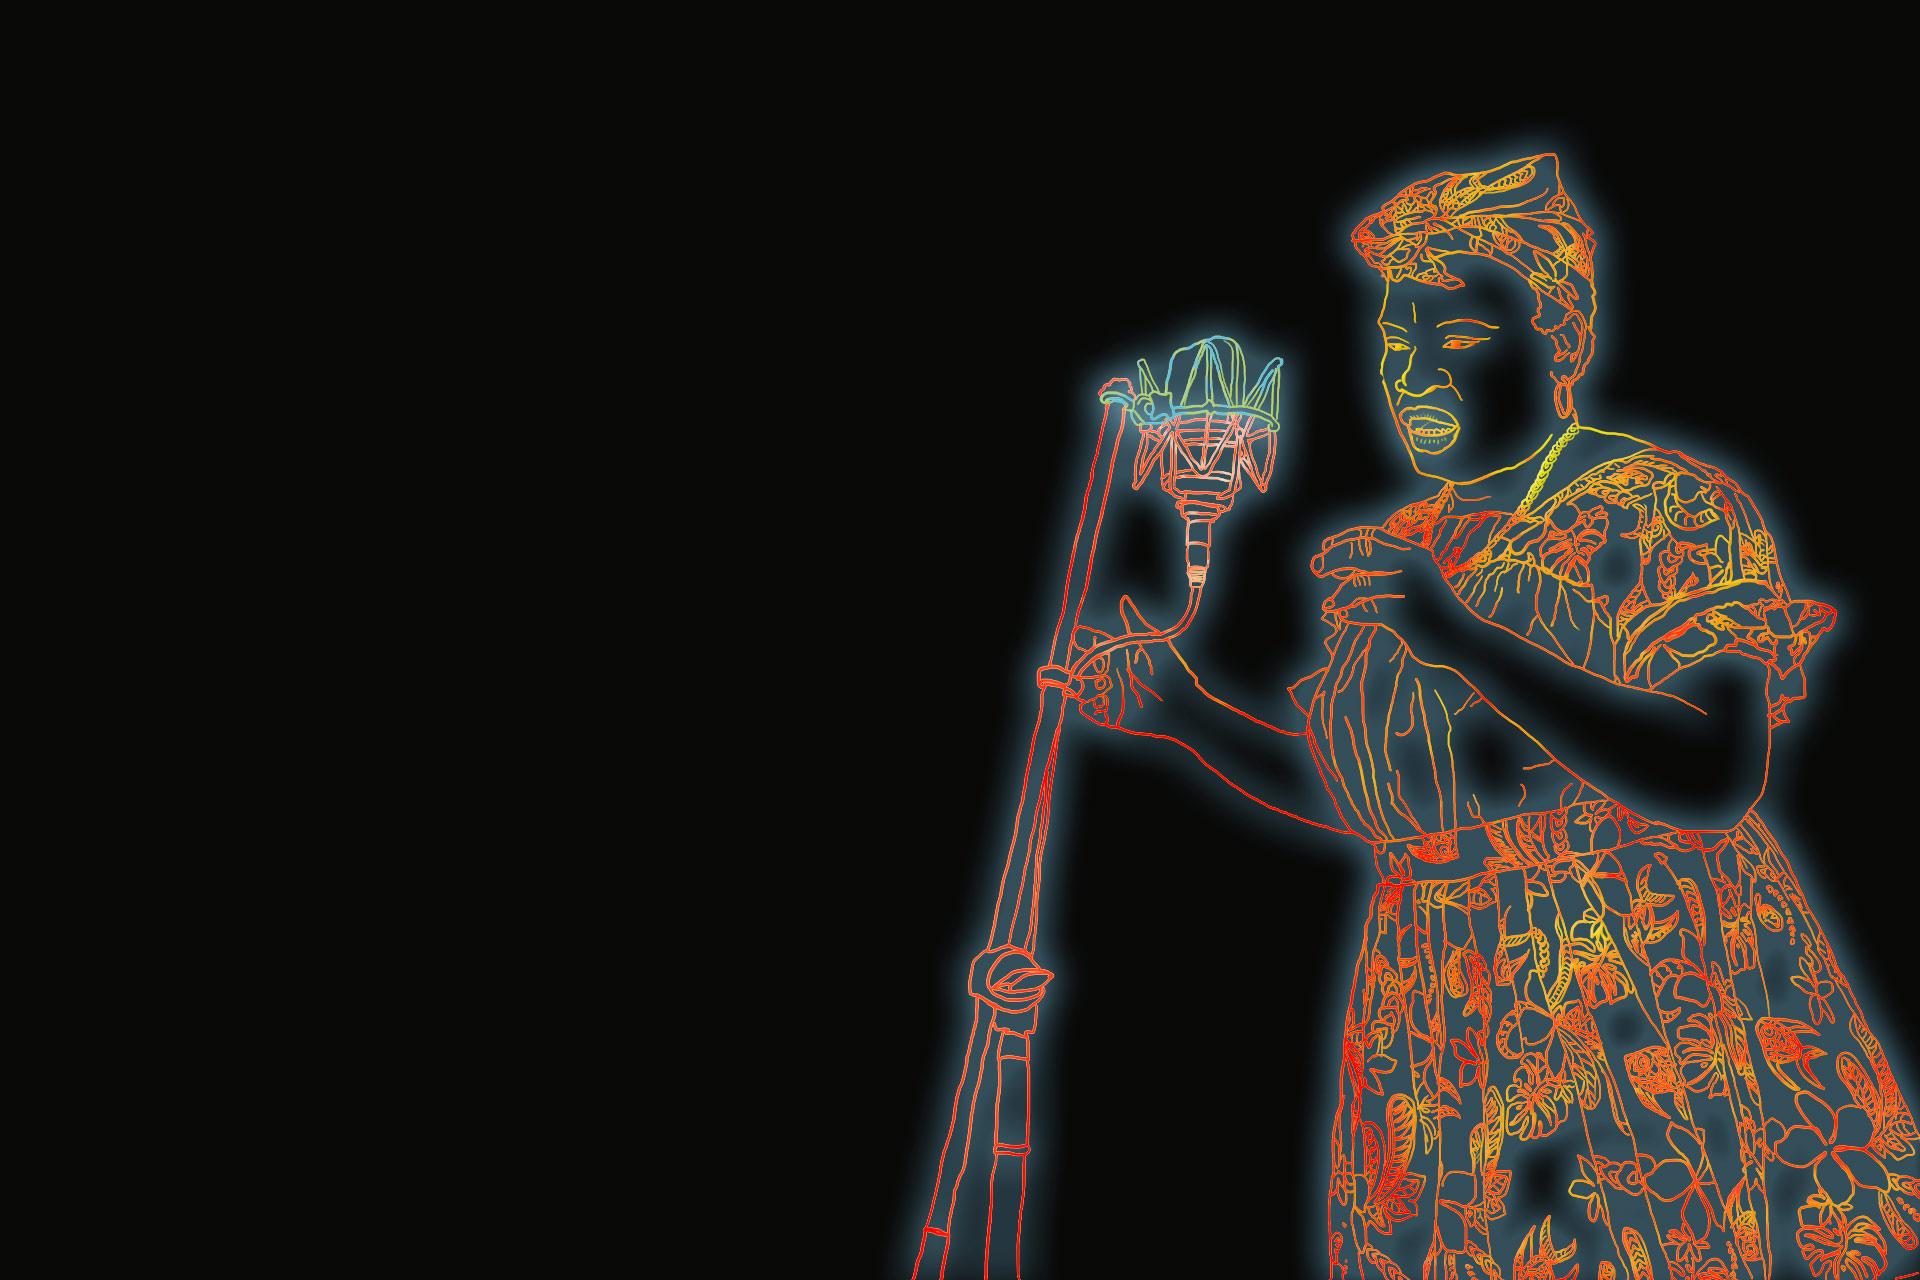 Convocatoria: Música, tradición y creatividad en la era digital: nuevas perspectivas etnomusicológicas desde el Sur Global